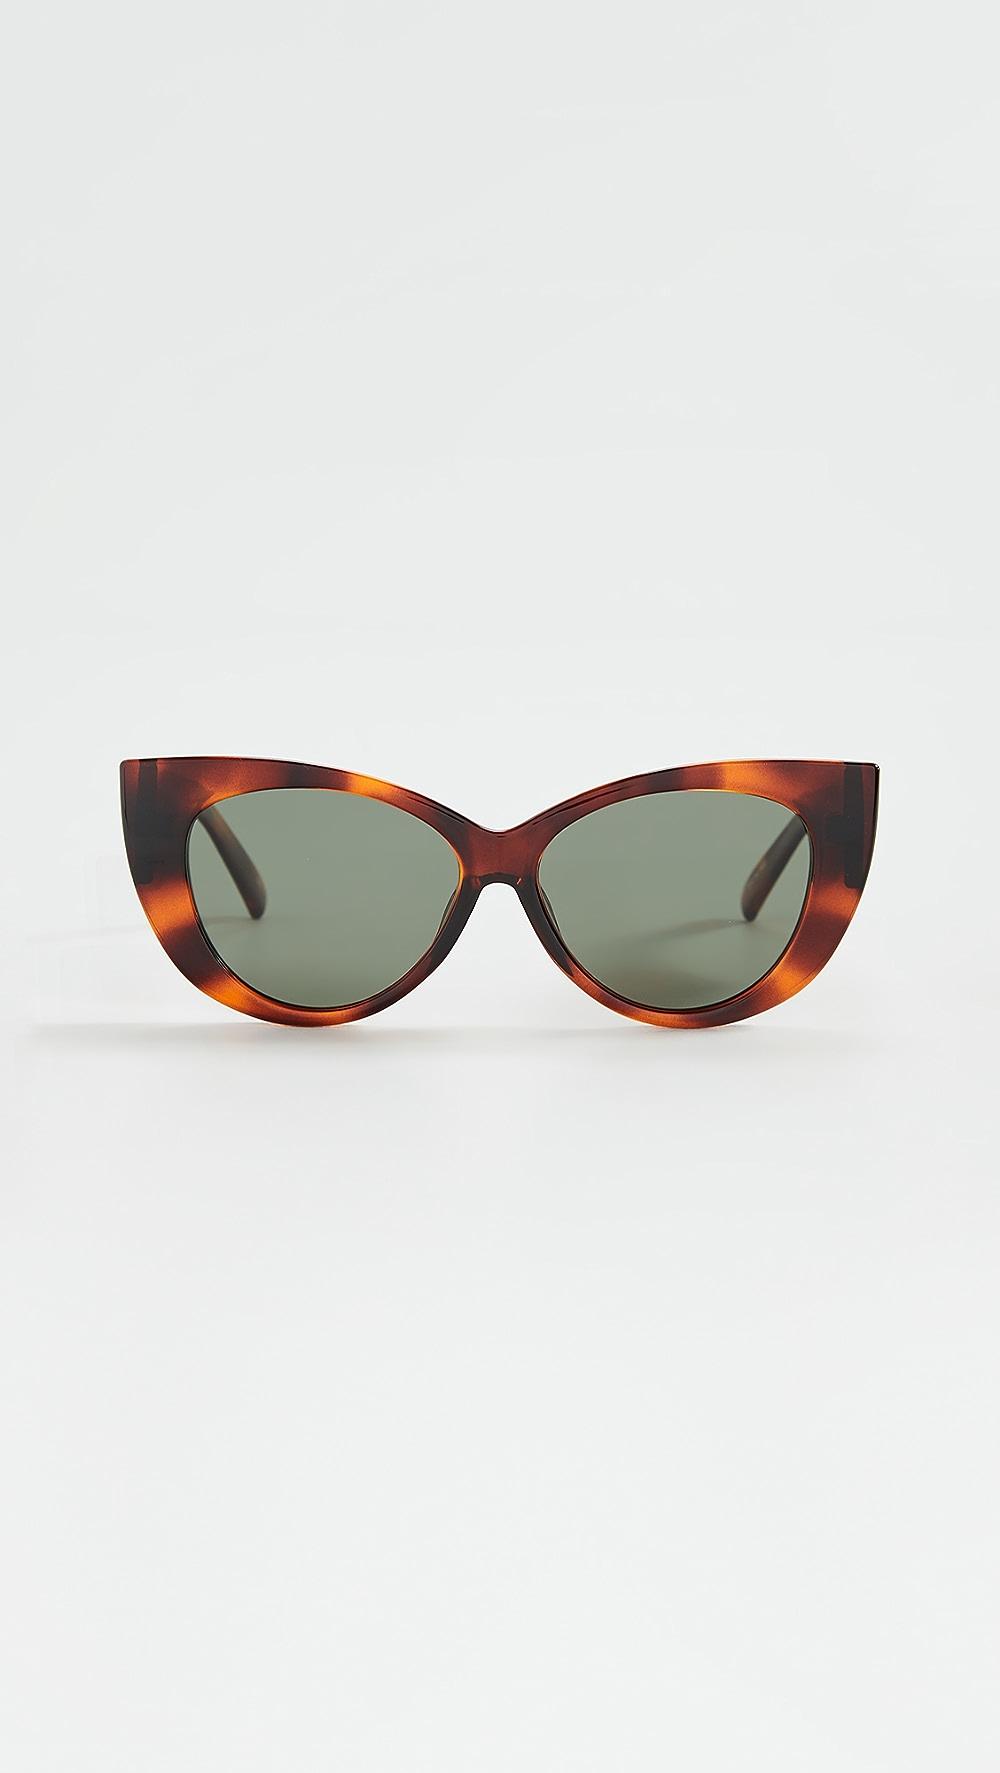 Le Specs Eyewear